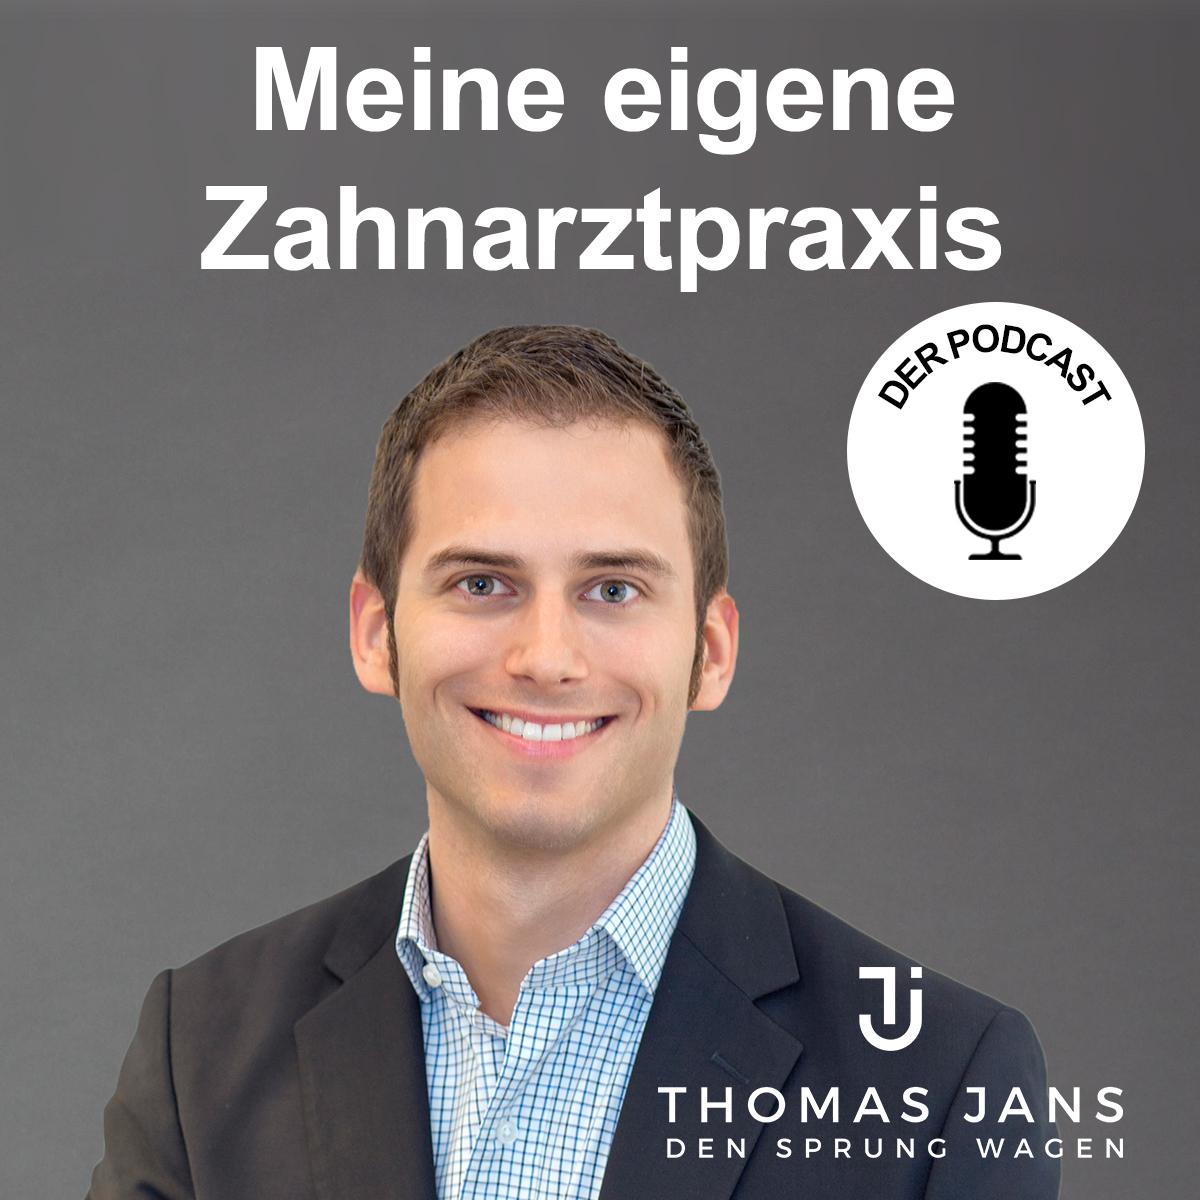 Podcast, Fit für die Existenzgründung, praxisgruendungen.de, Thomas Jans